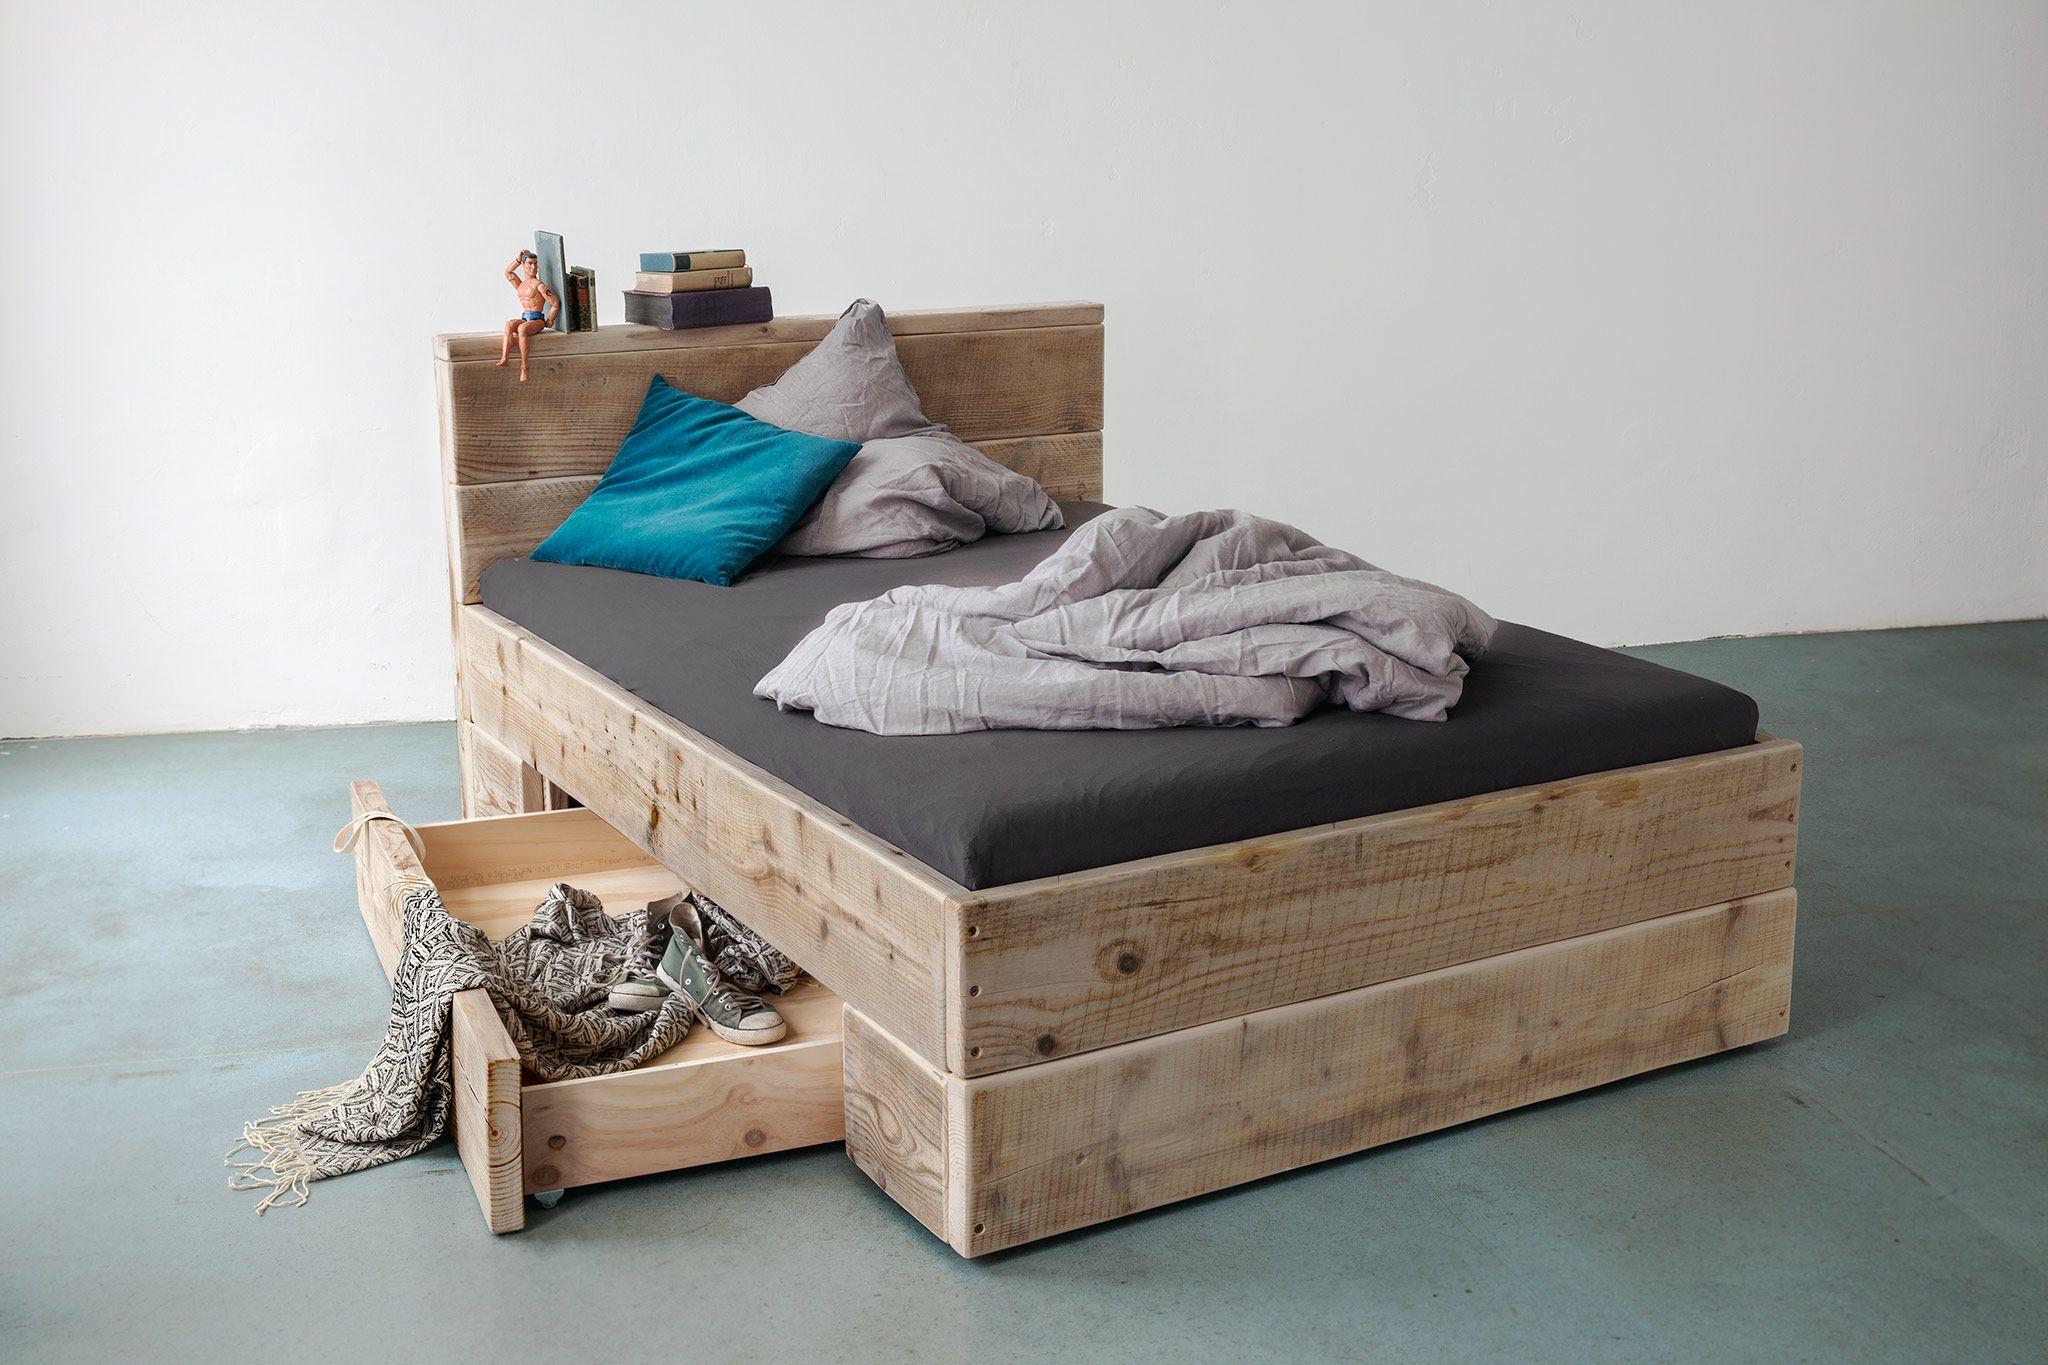 Grosses Bauholz Bett Mit Bettkasten Fur Viel Stauraum Von Upcycle Berlin Big Sofa Mit Schlaffunktion Bett Mit Bettkasten Sitzen